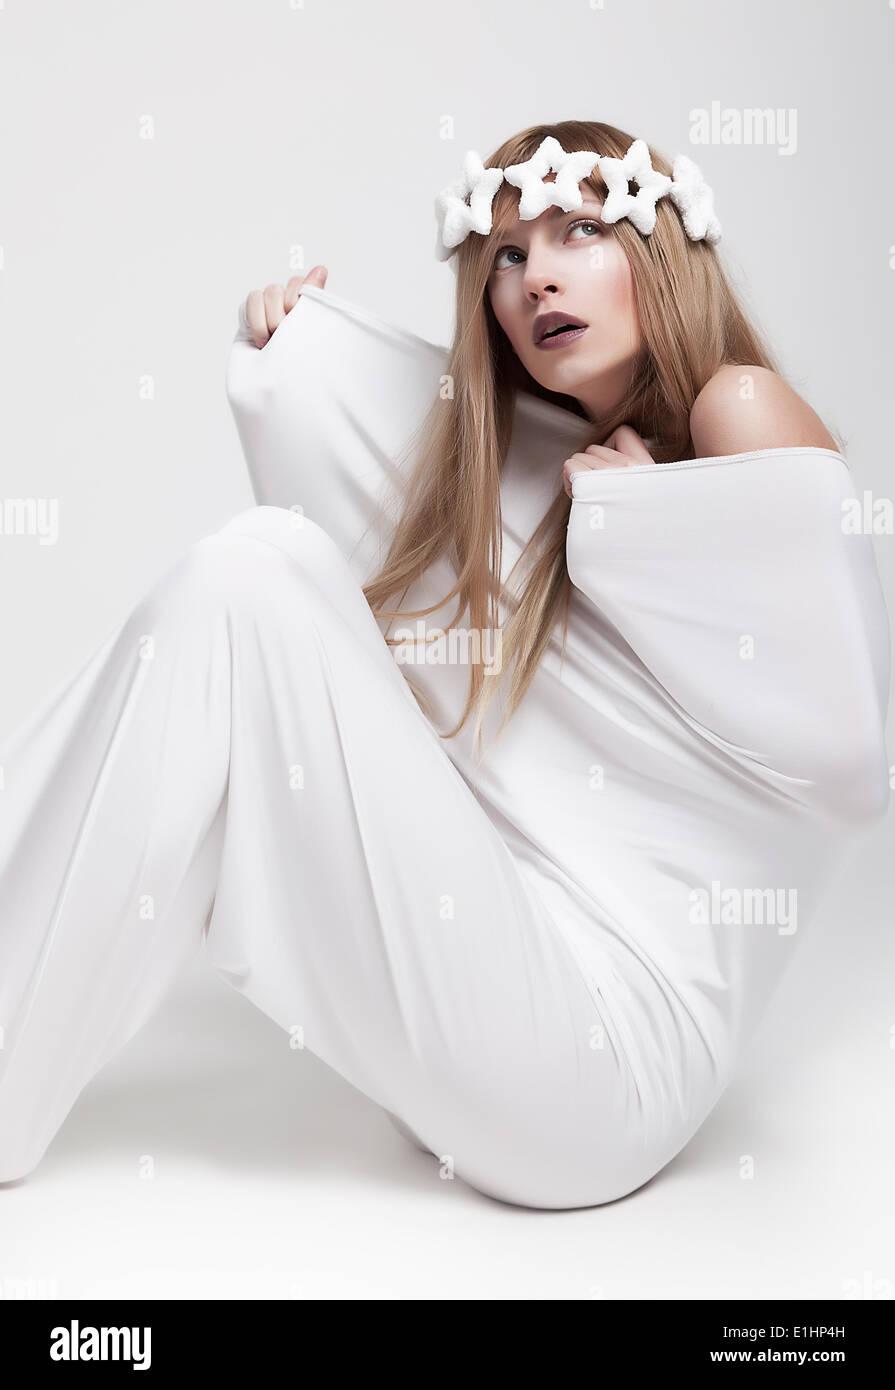 Dramatische theatralische pose - junges Mädchen Schauspielerin in weißen Krone und Kleidung sitzen. Serie Stockbild